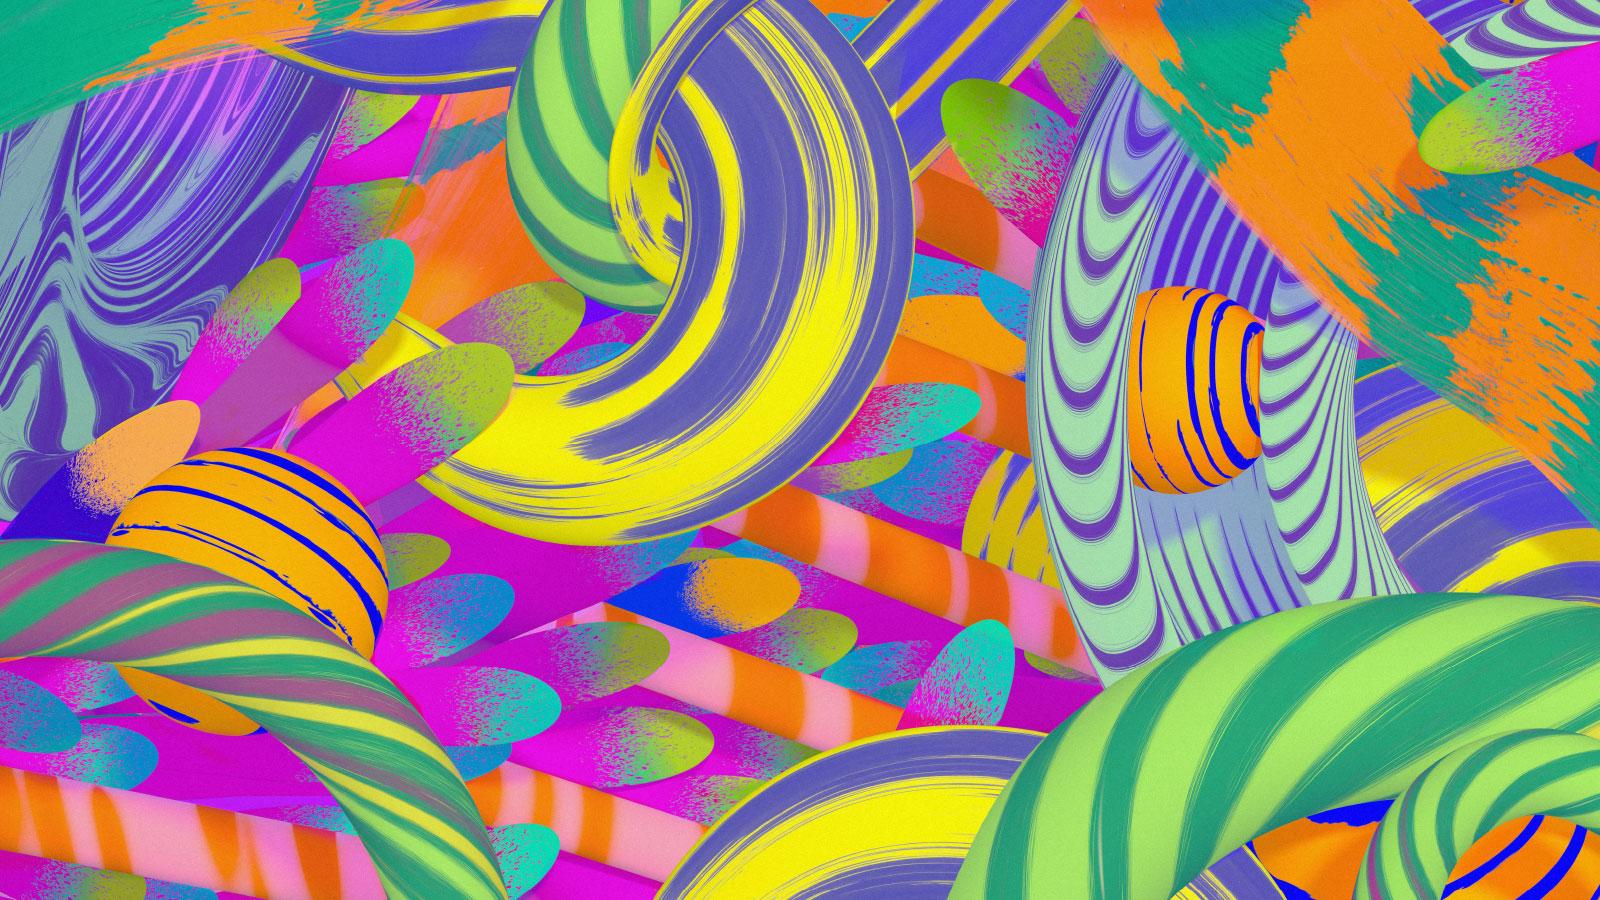 gb-p1-03-sappi-1600x900.jpg